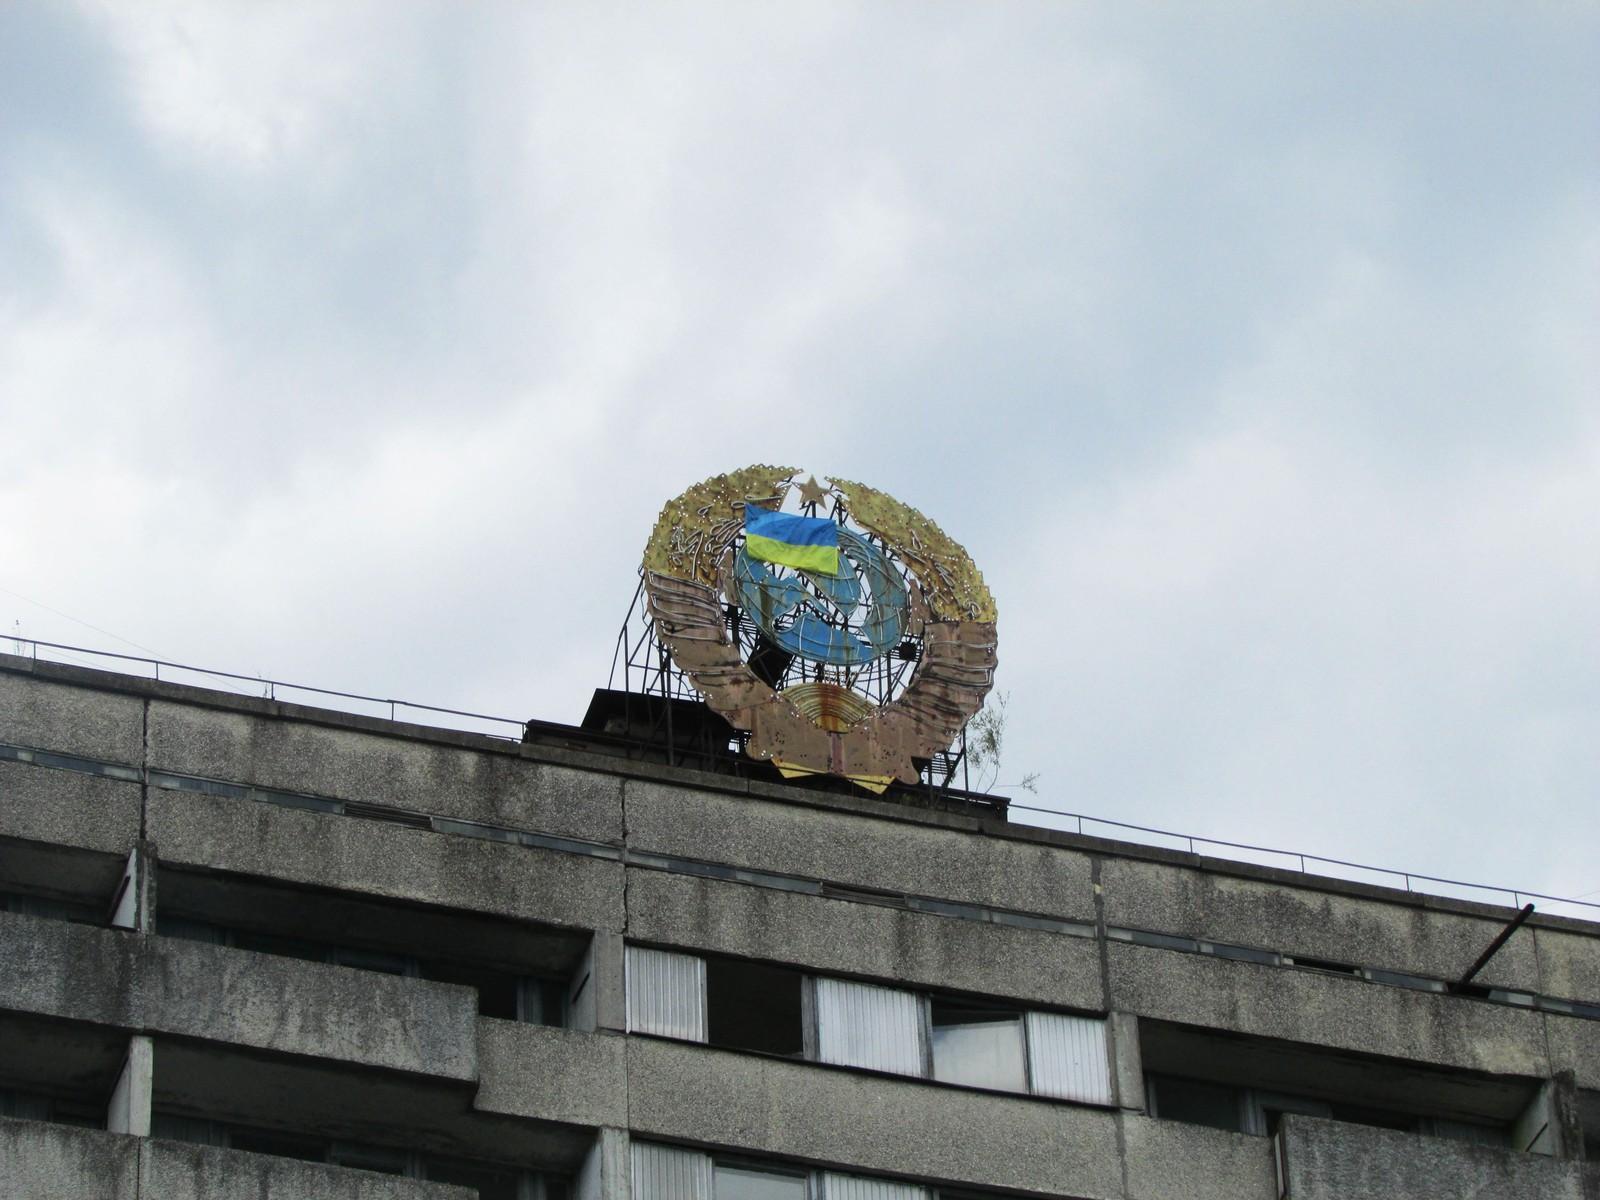 Symbolene på toppen av bygningene viser den sovjetiske stoltheten knyttet til Pripyat.